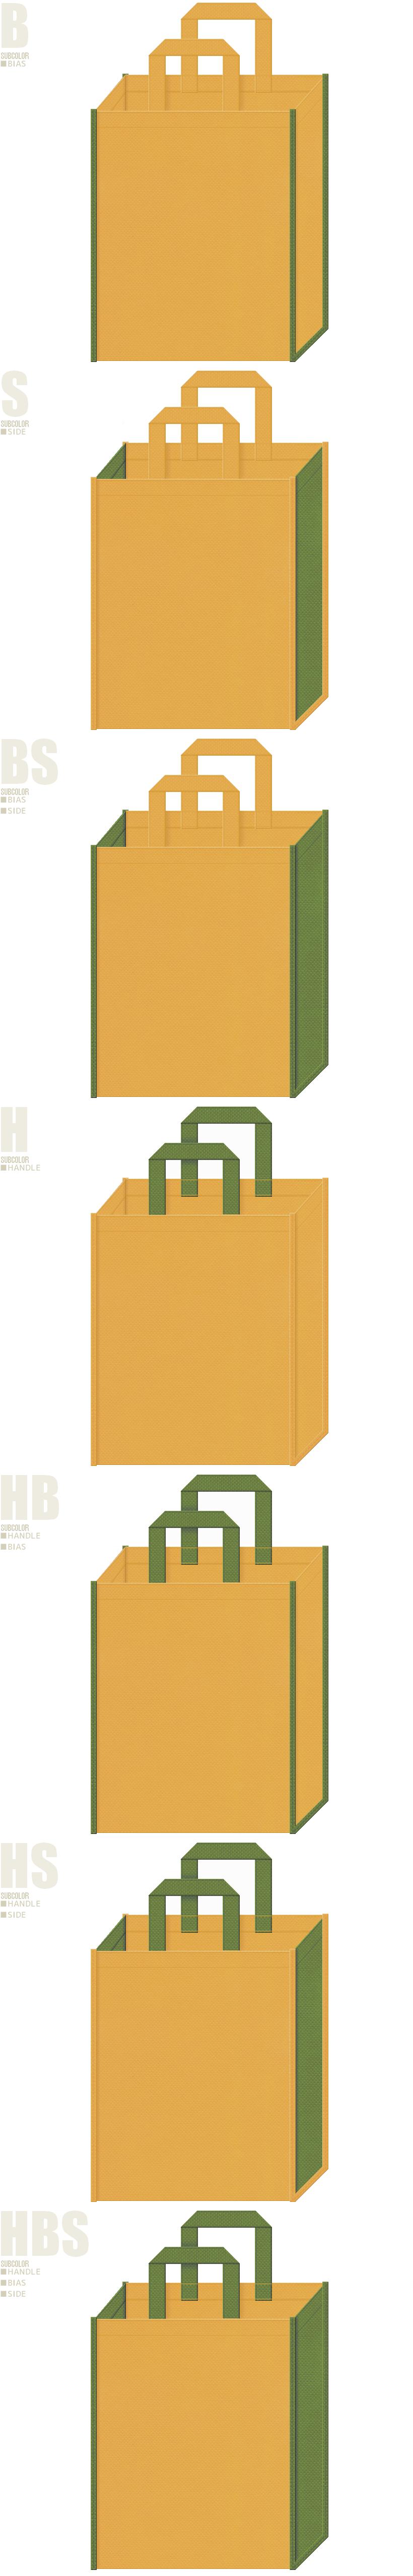 黄土色と草色、7パターンの不織布トートバッグ配色デザイン例。時代劇のバッグノベルティ・民芸品のショッピングバッグにお奨めです。